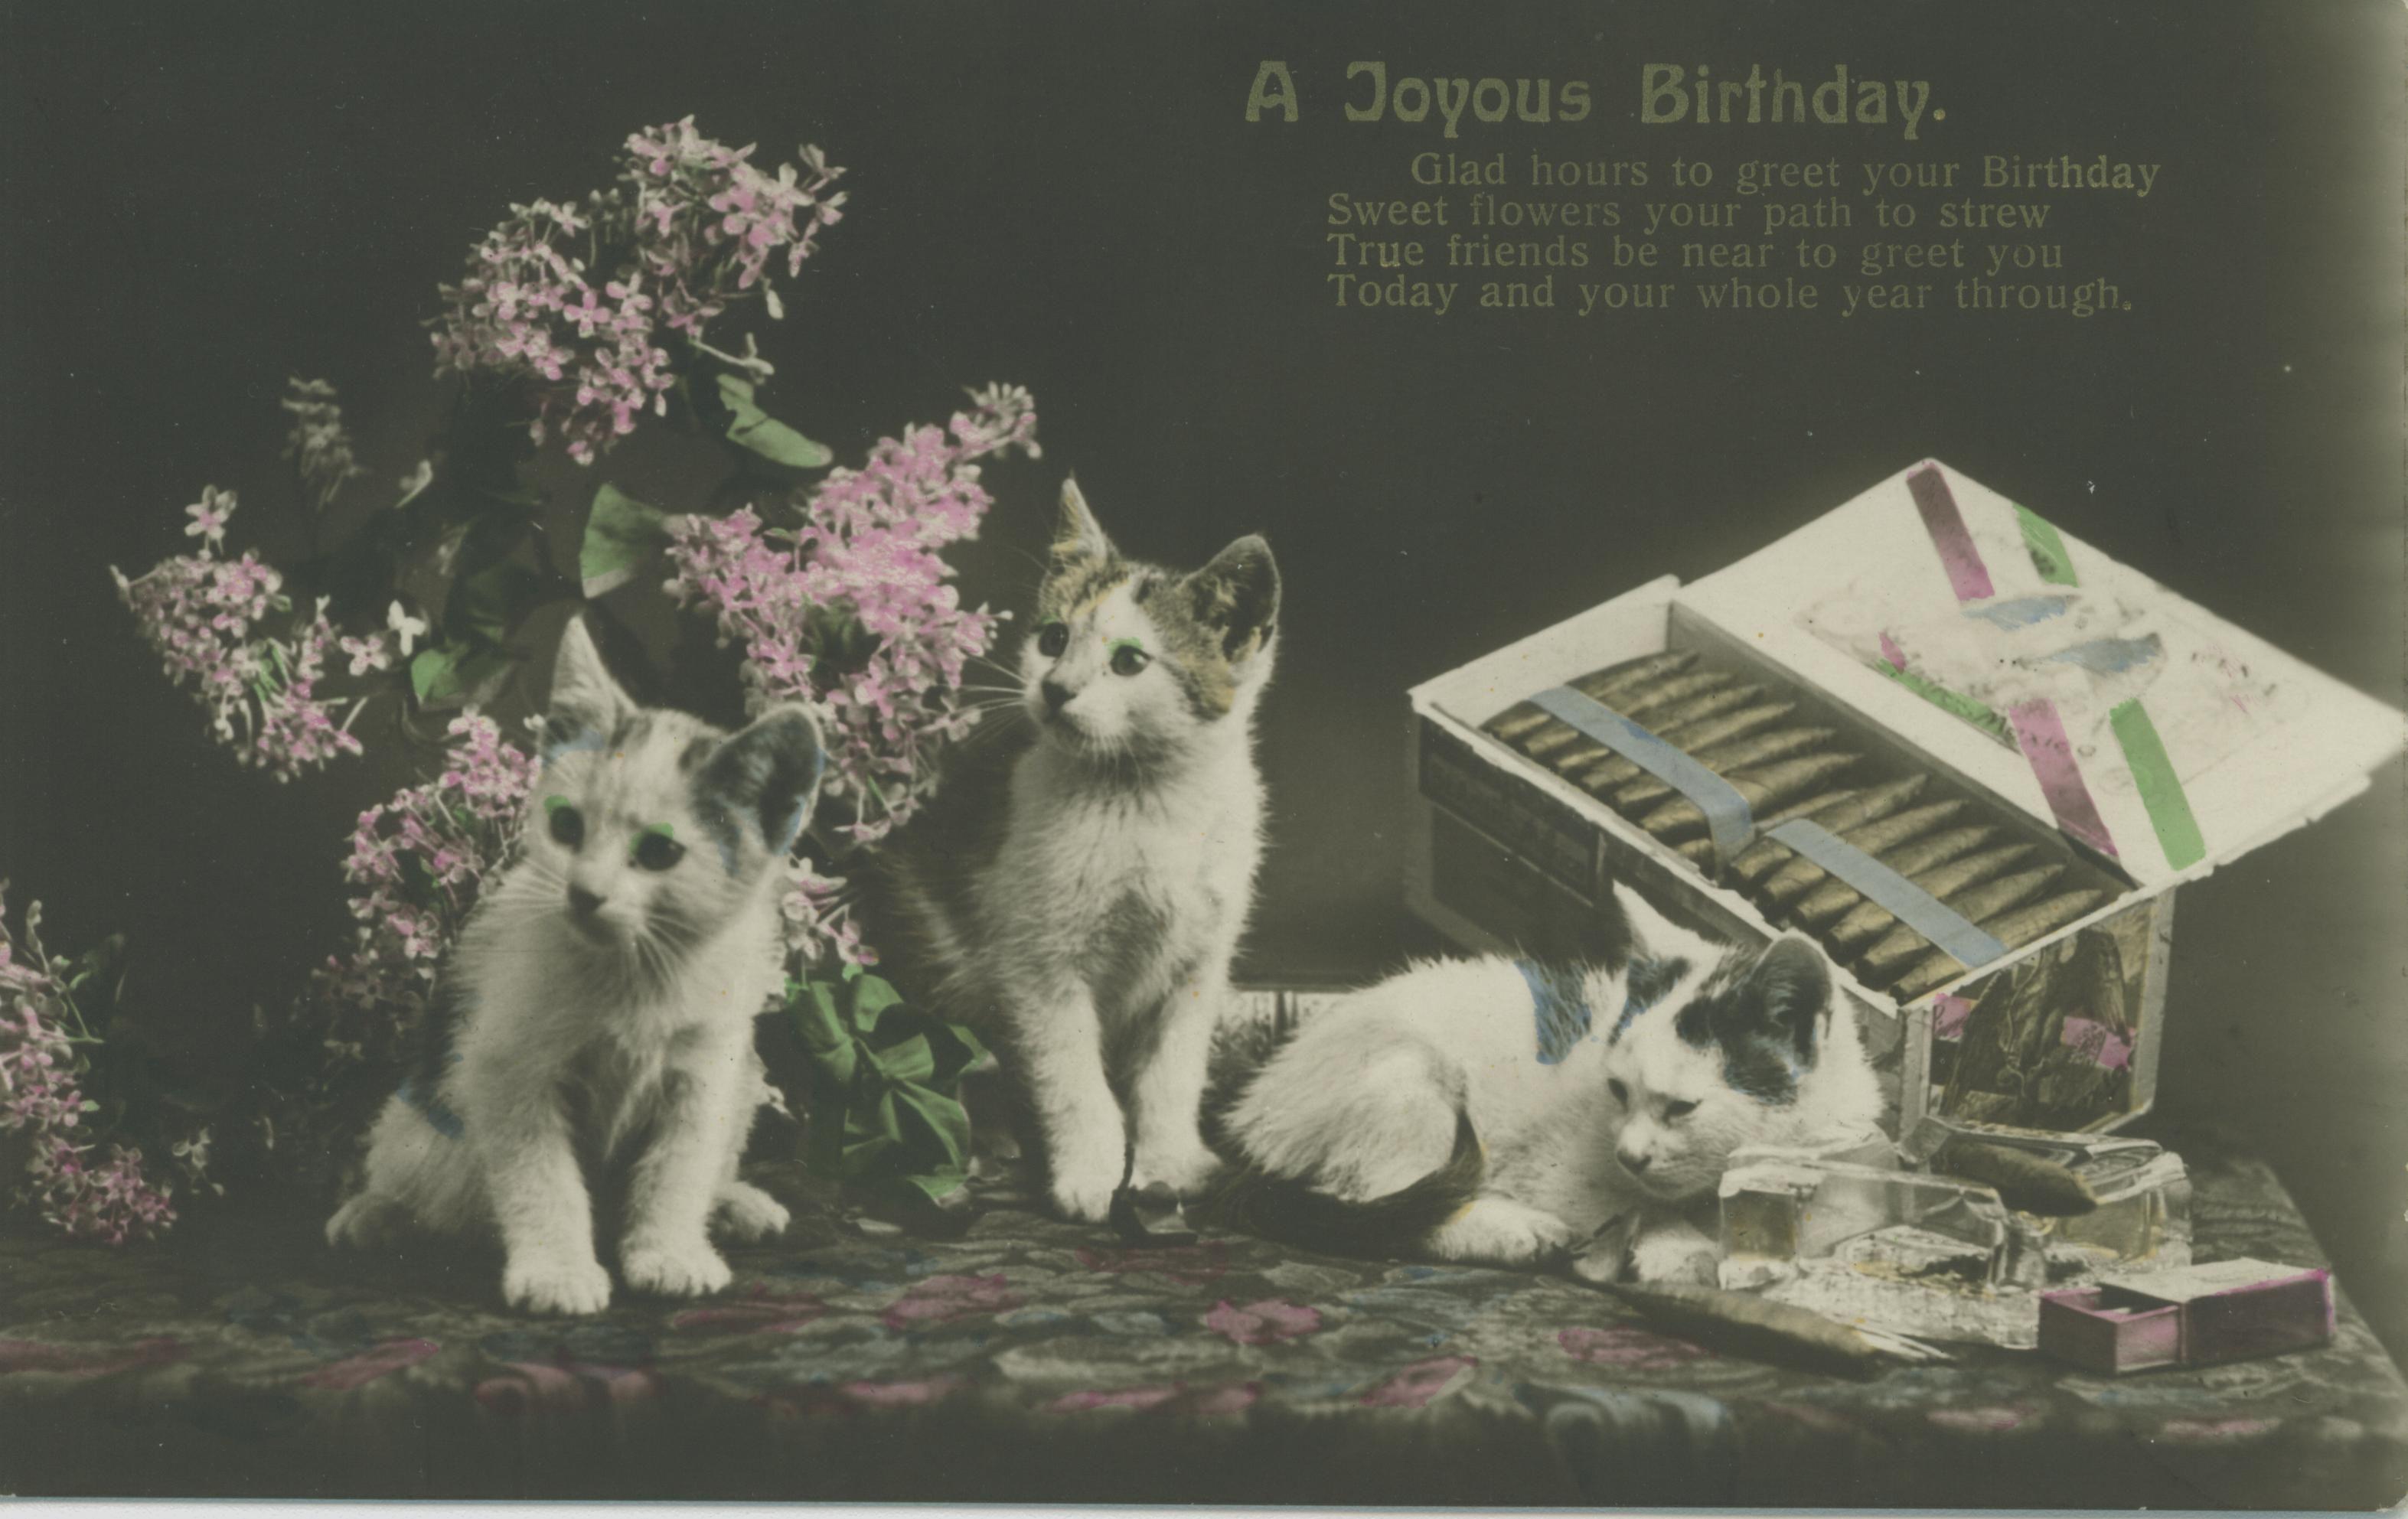 Greeting cards vintage artwork greeting cards vintage a joyous birthday vintage cat birthday card kristyandbryce Gallery